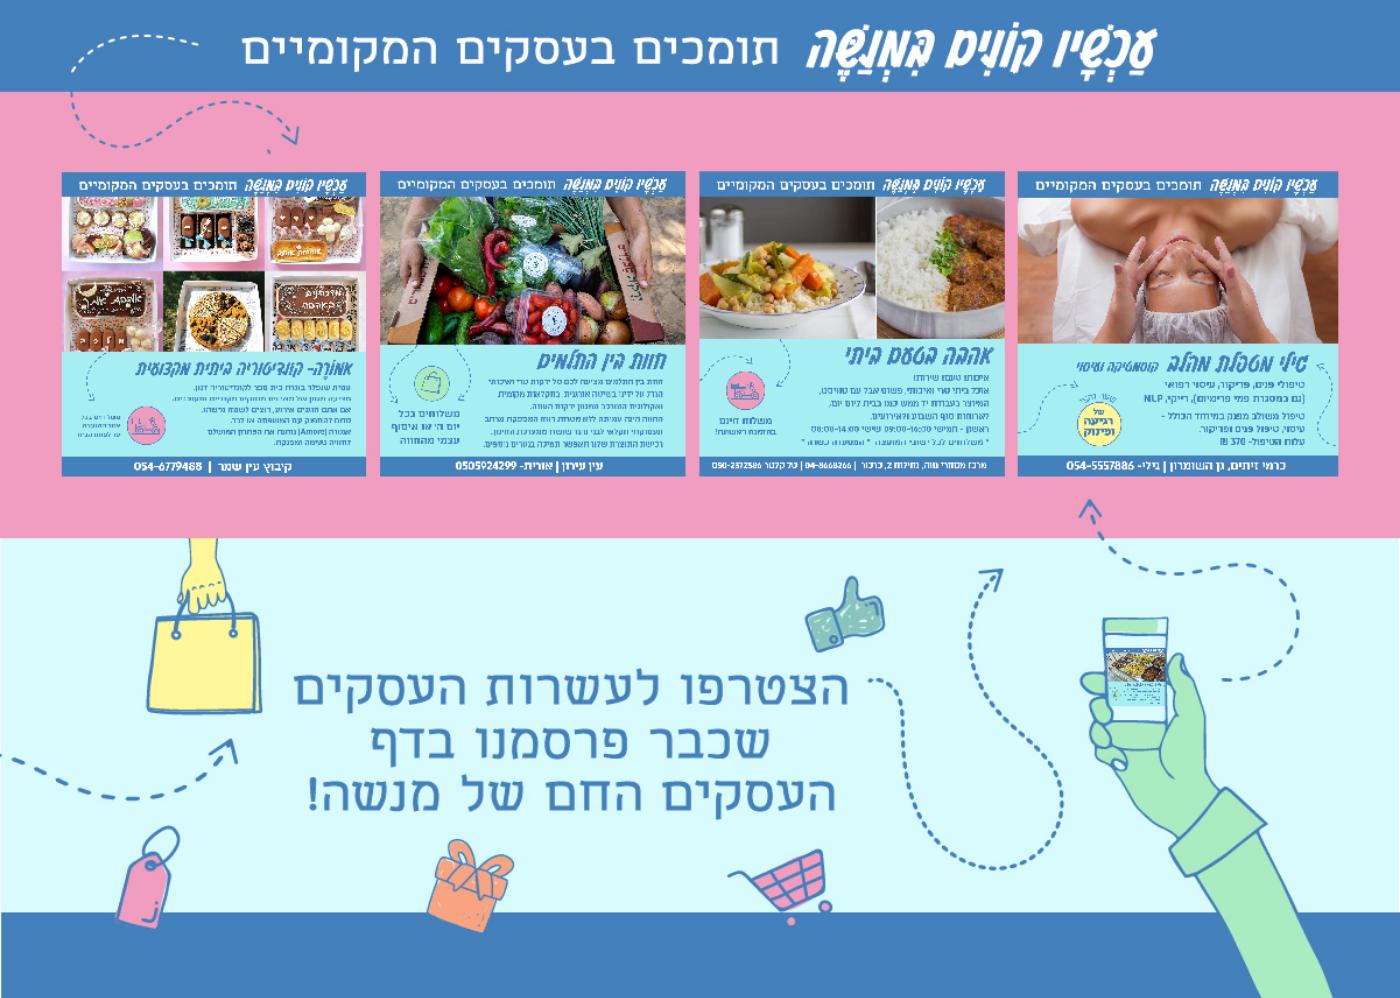 עיצוב תפריט, מסעדה יוונית, מסעדת יאמאס, טברנה, דפוס, תפריט מודפס למסעדה